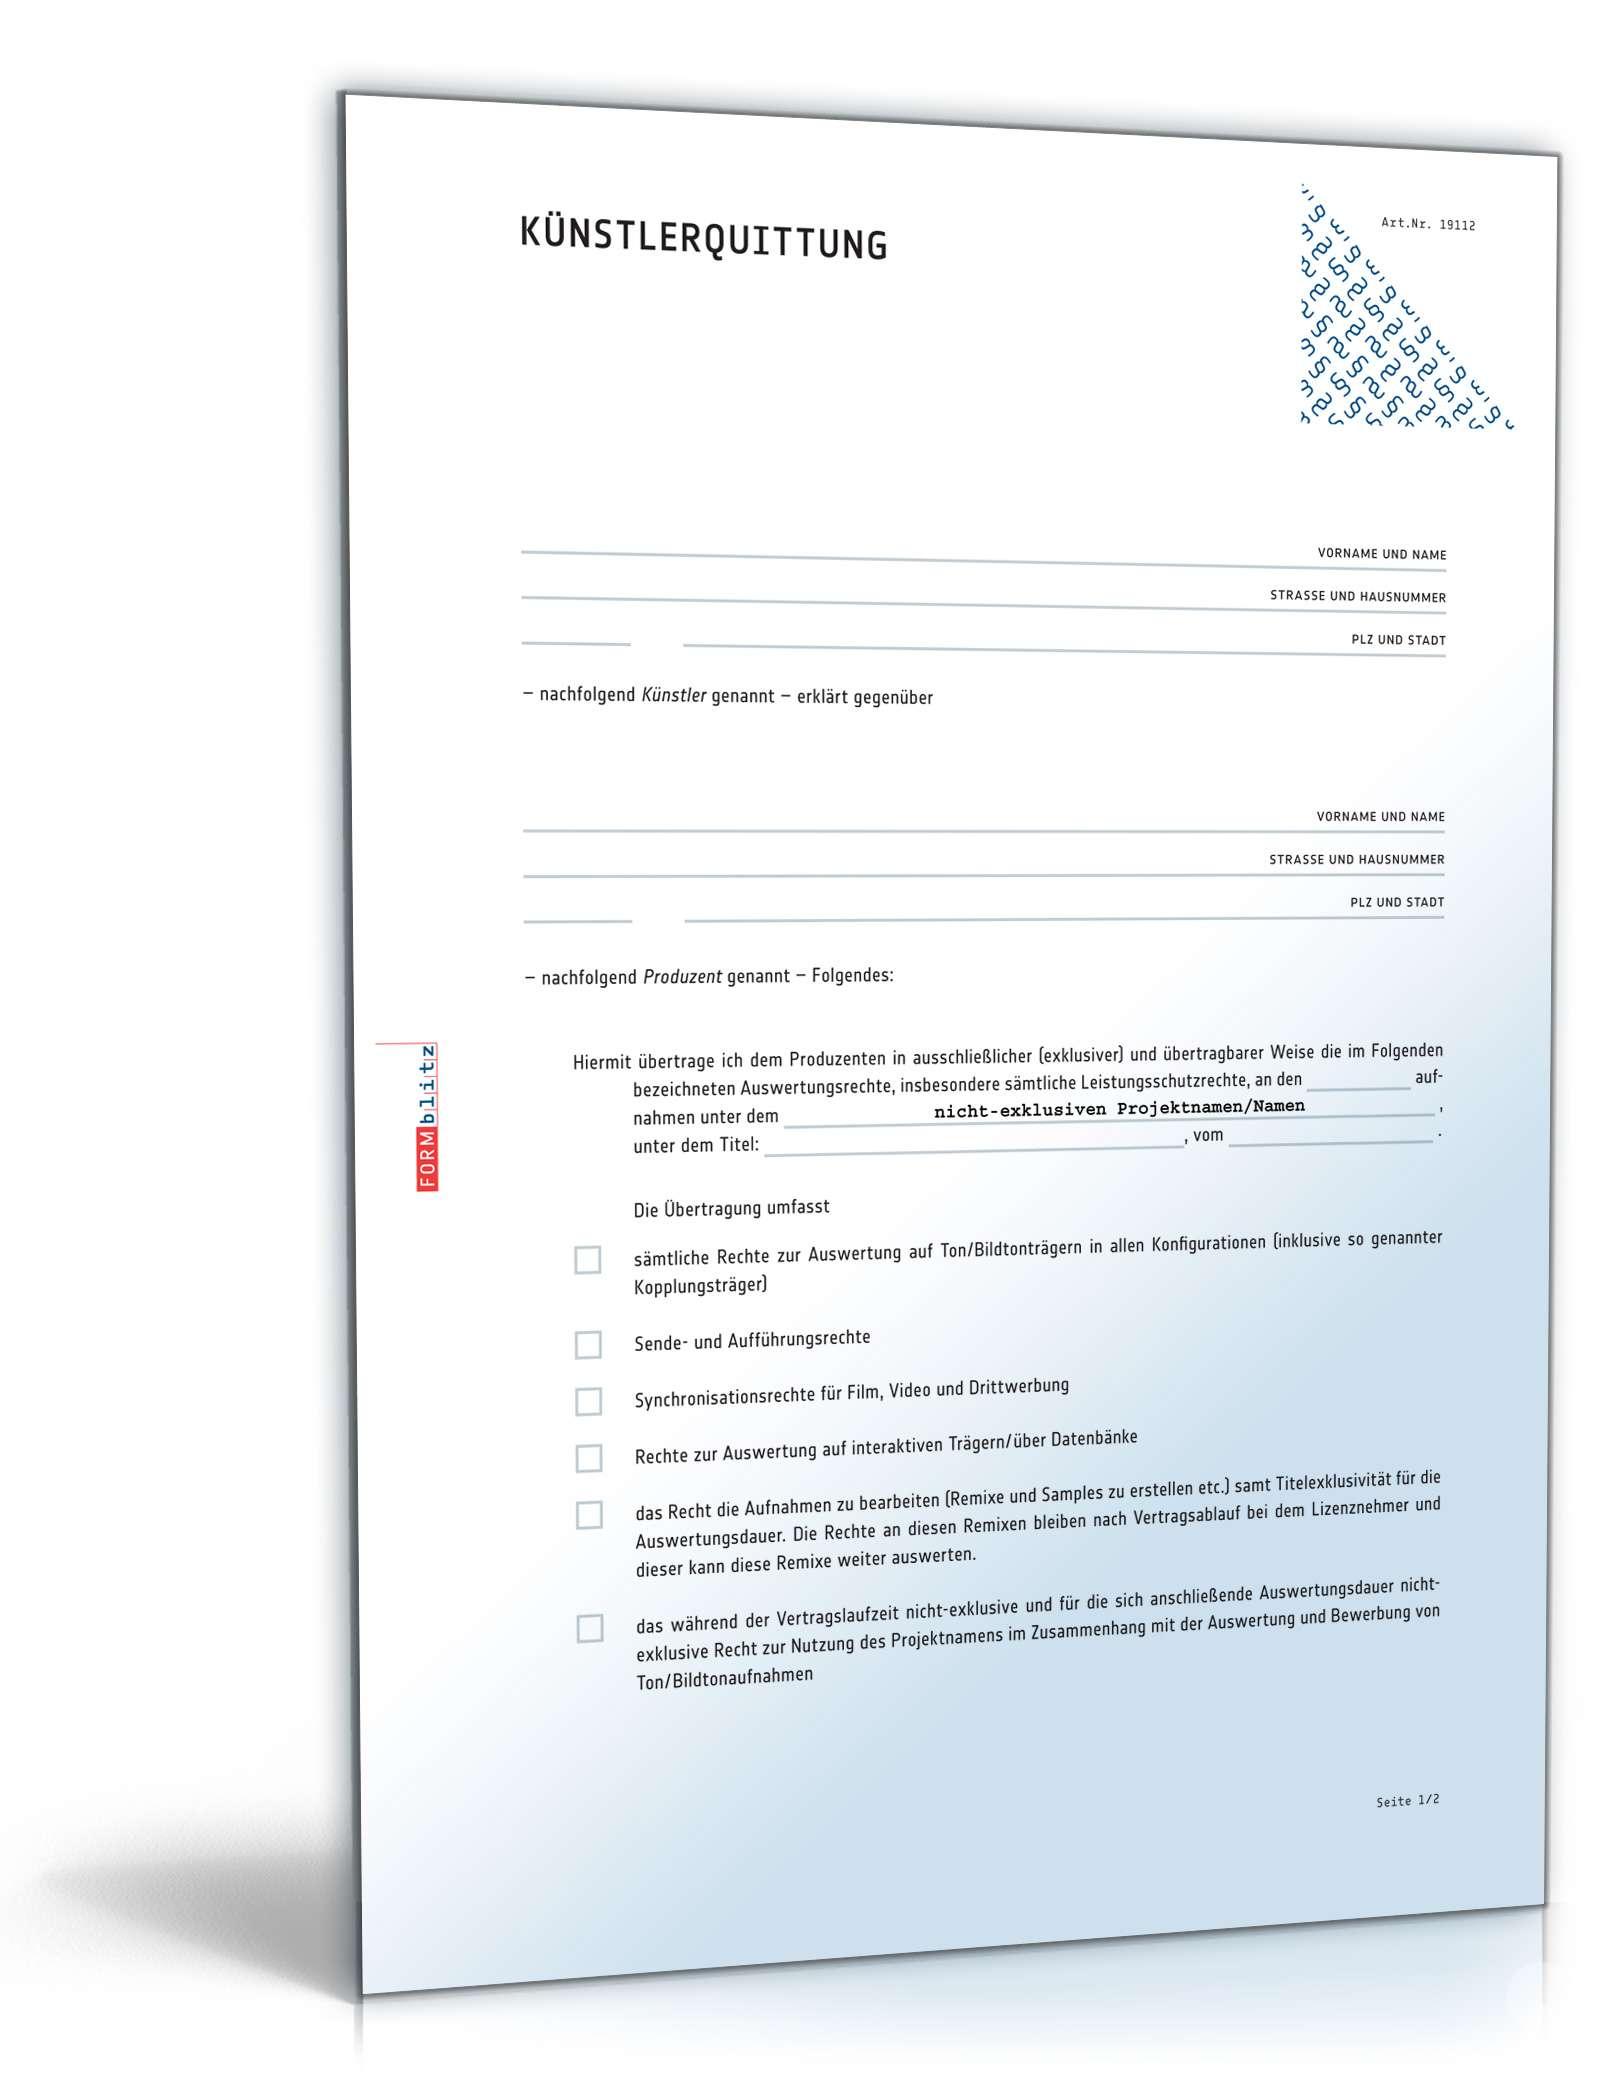 Kunstlervertrag Kunst Am Bau Pdf Kostenfreier Download 1